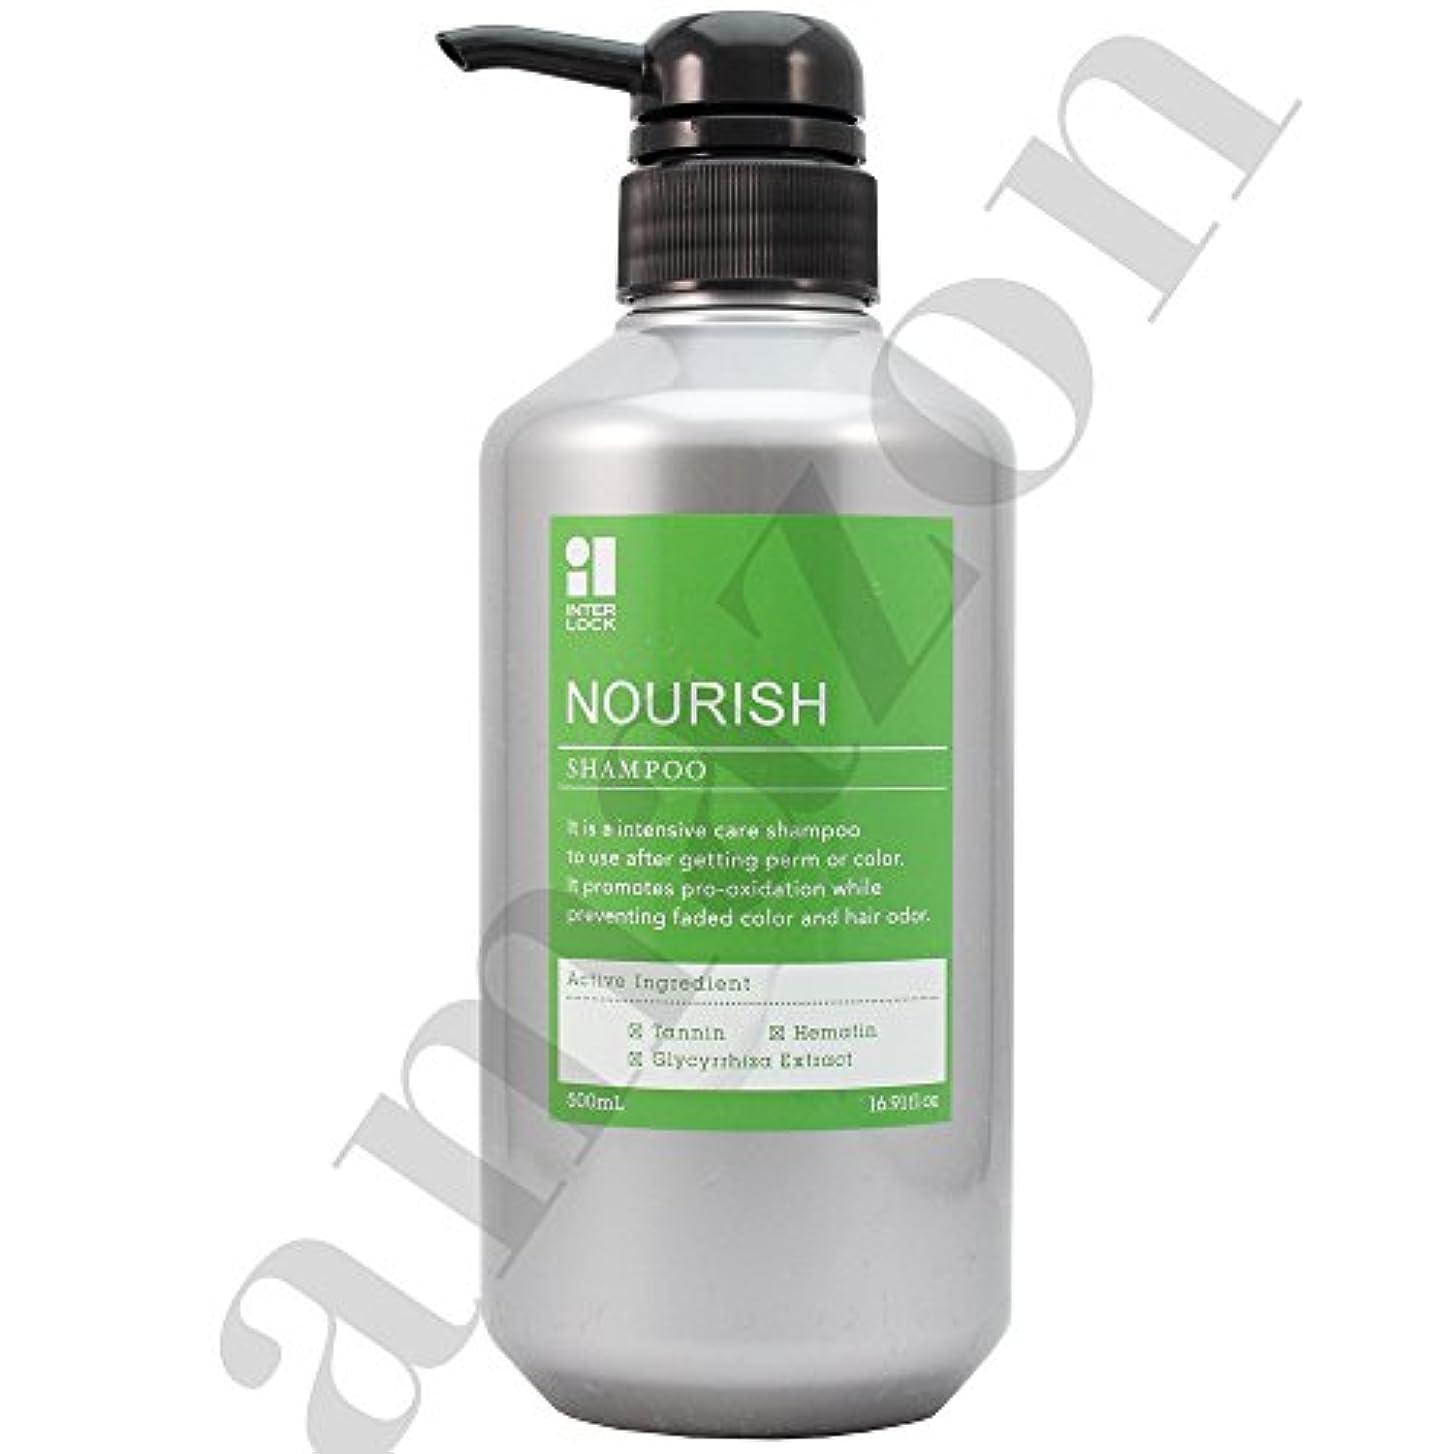 強風素敵な確かに香栄化学(Model Cosmetics) インターロック ナリッシュS 500ml